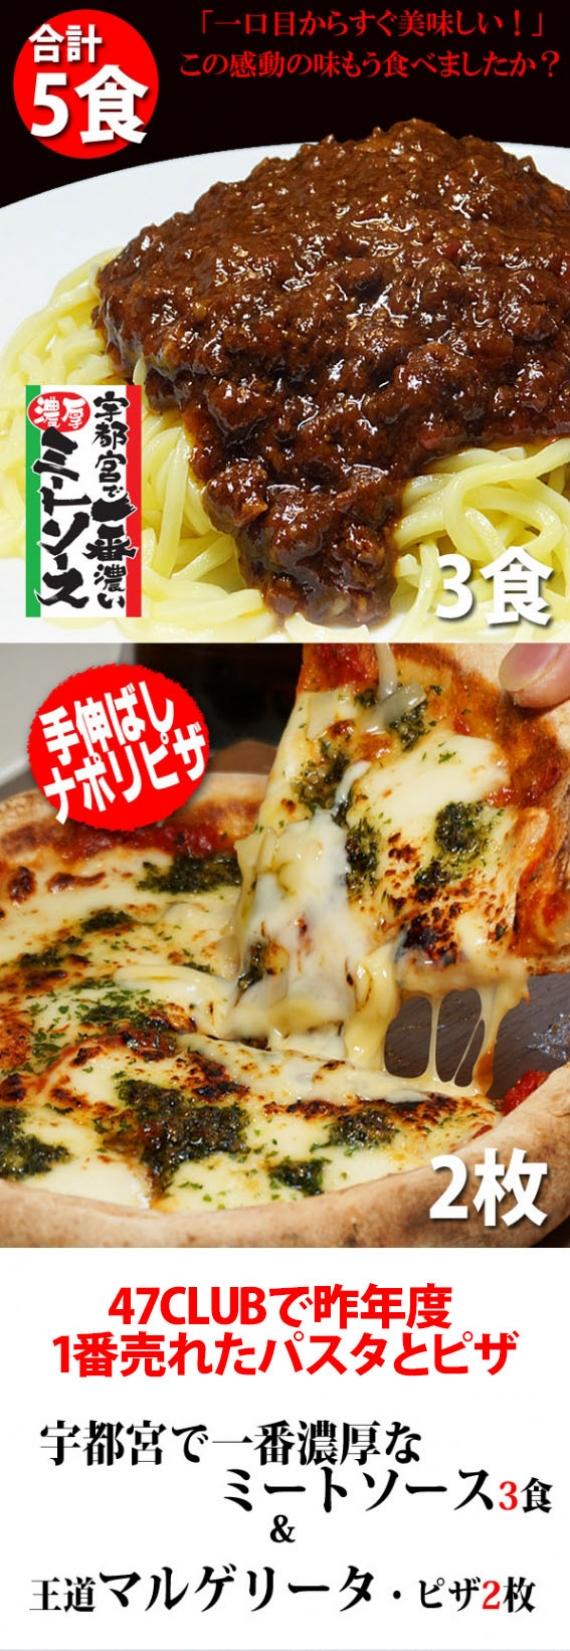 【送料サービス!】スパ屋の黄金コンビ!濃厚ミートソース&王道マルゲリータ・ピザ 合計5食セット